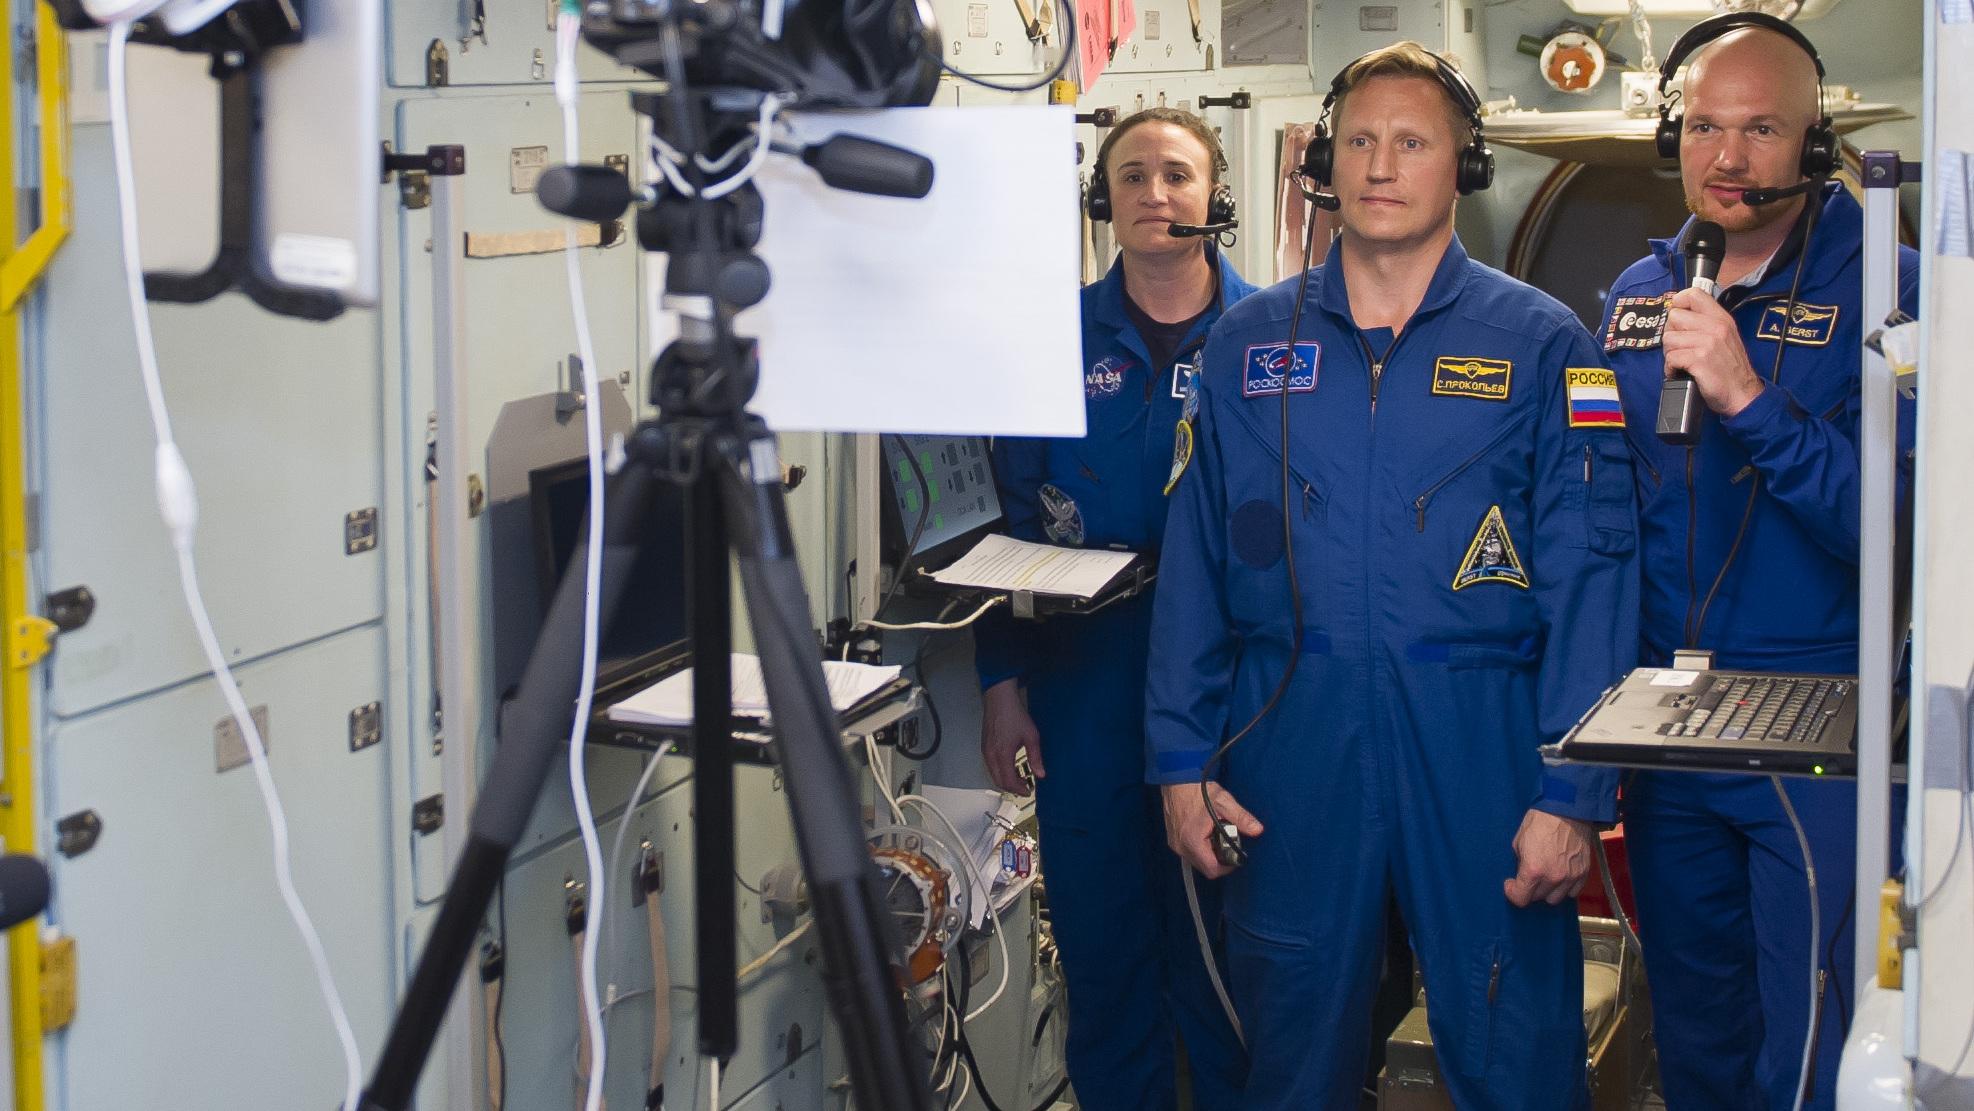 Космонавт из Екатеринбурга отправился на МКС в прямом эфире. Видео